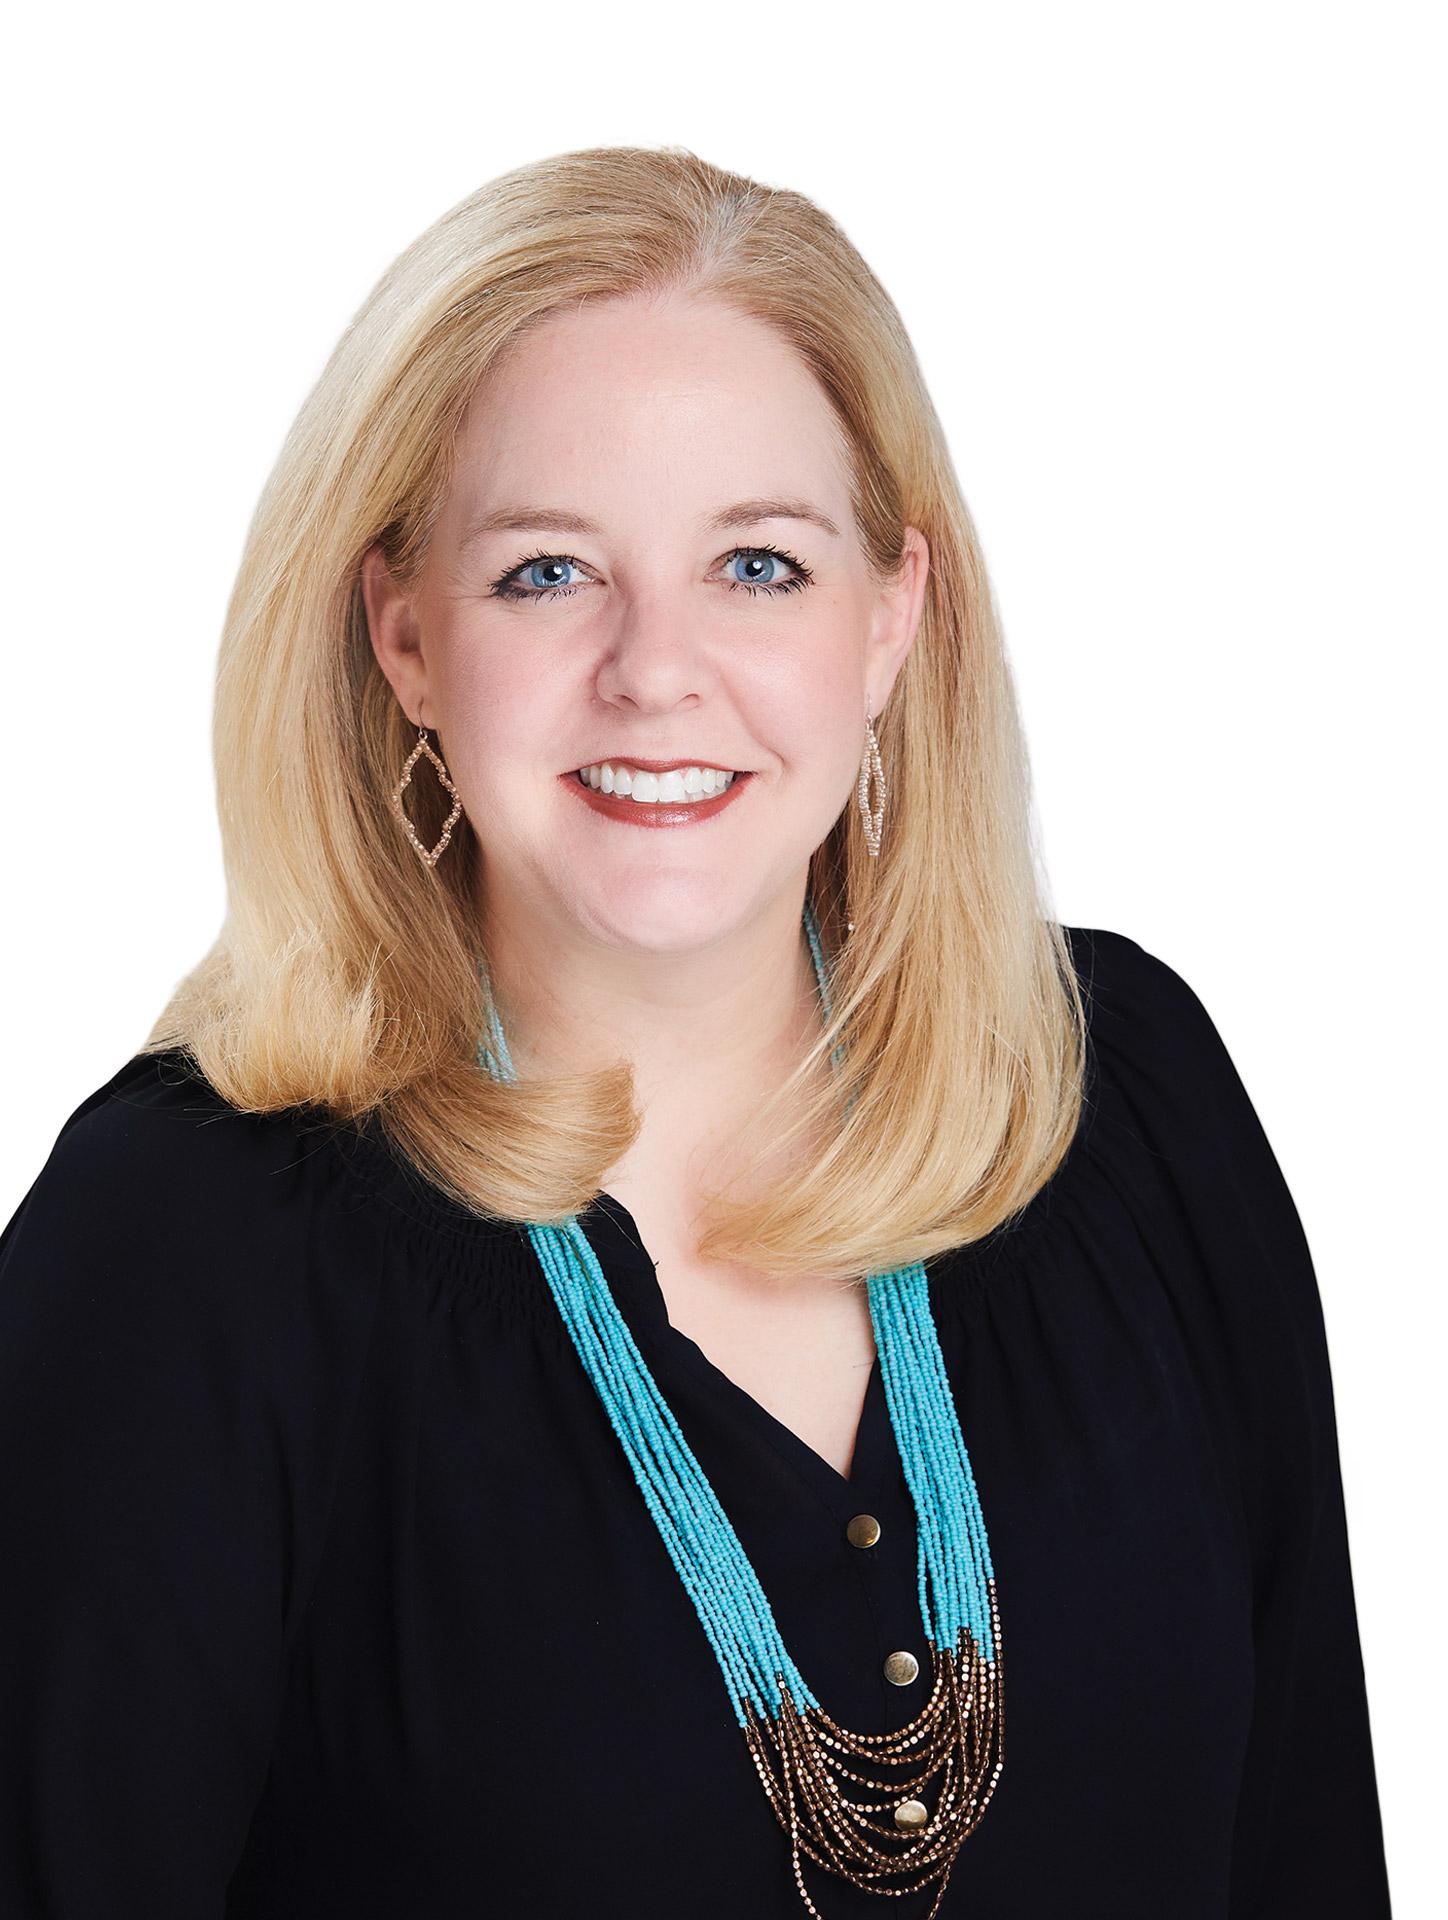 Allison Olson